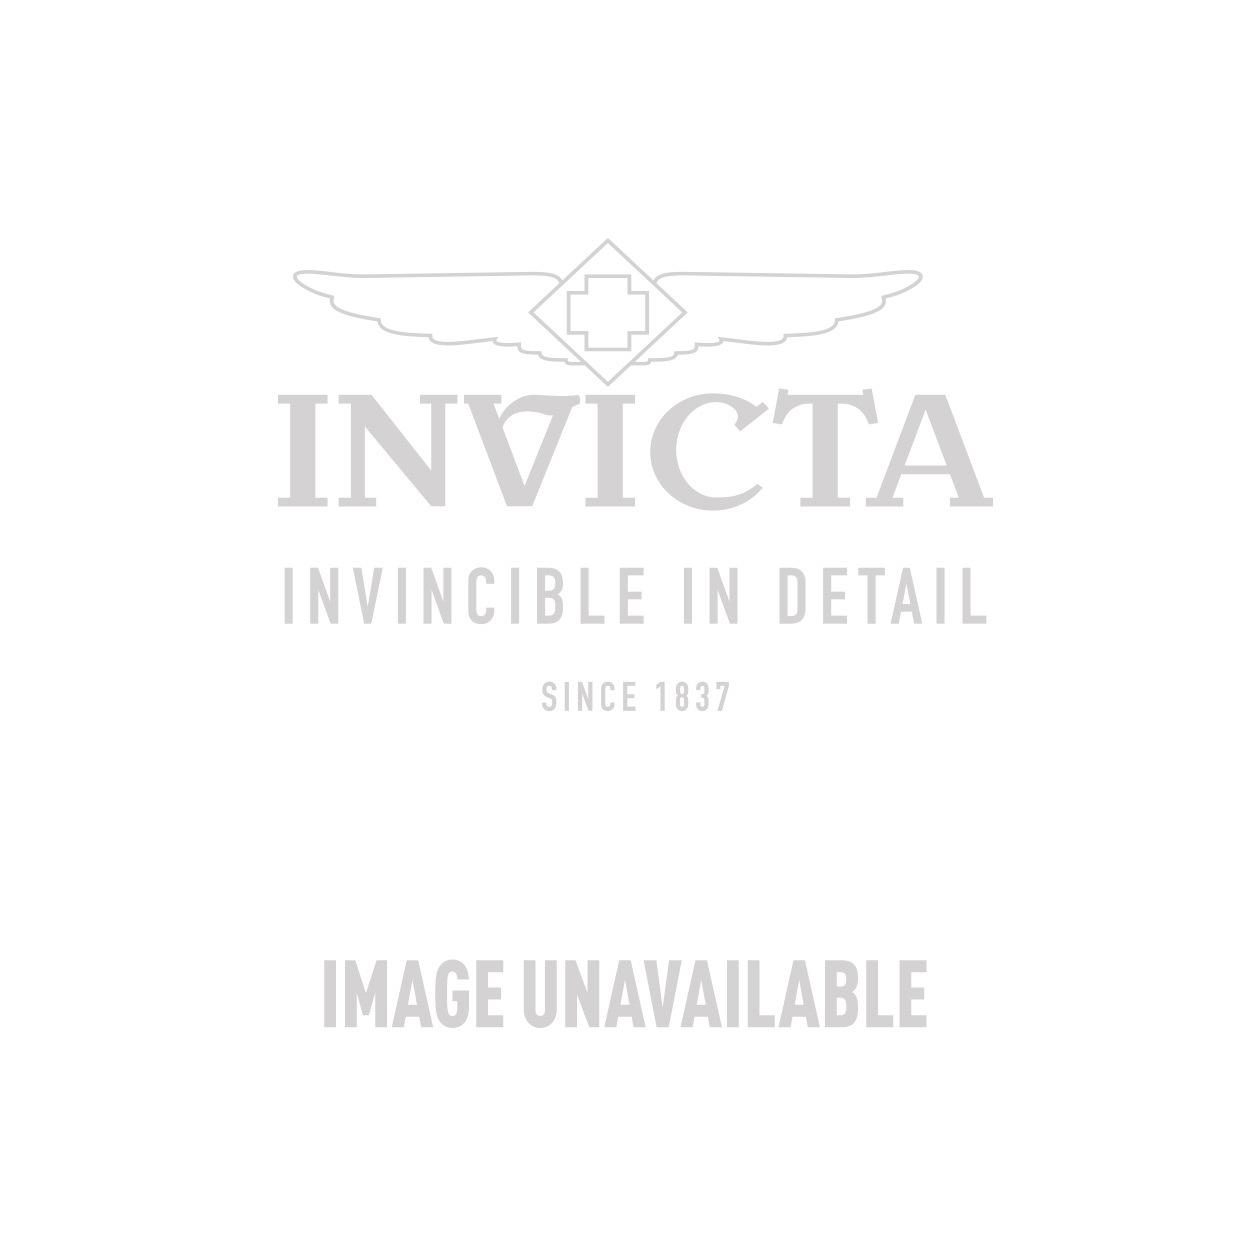 Invicta Model 25239